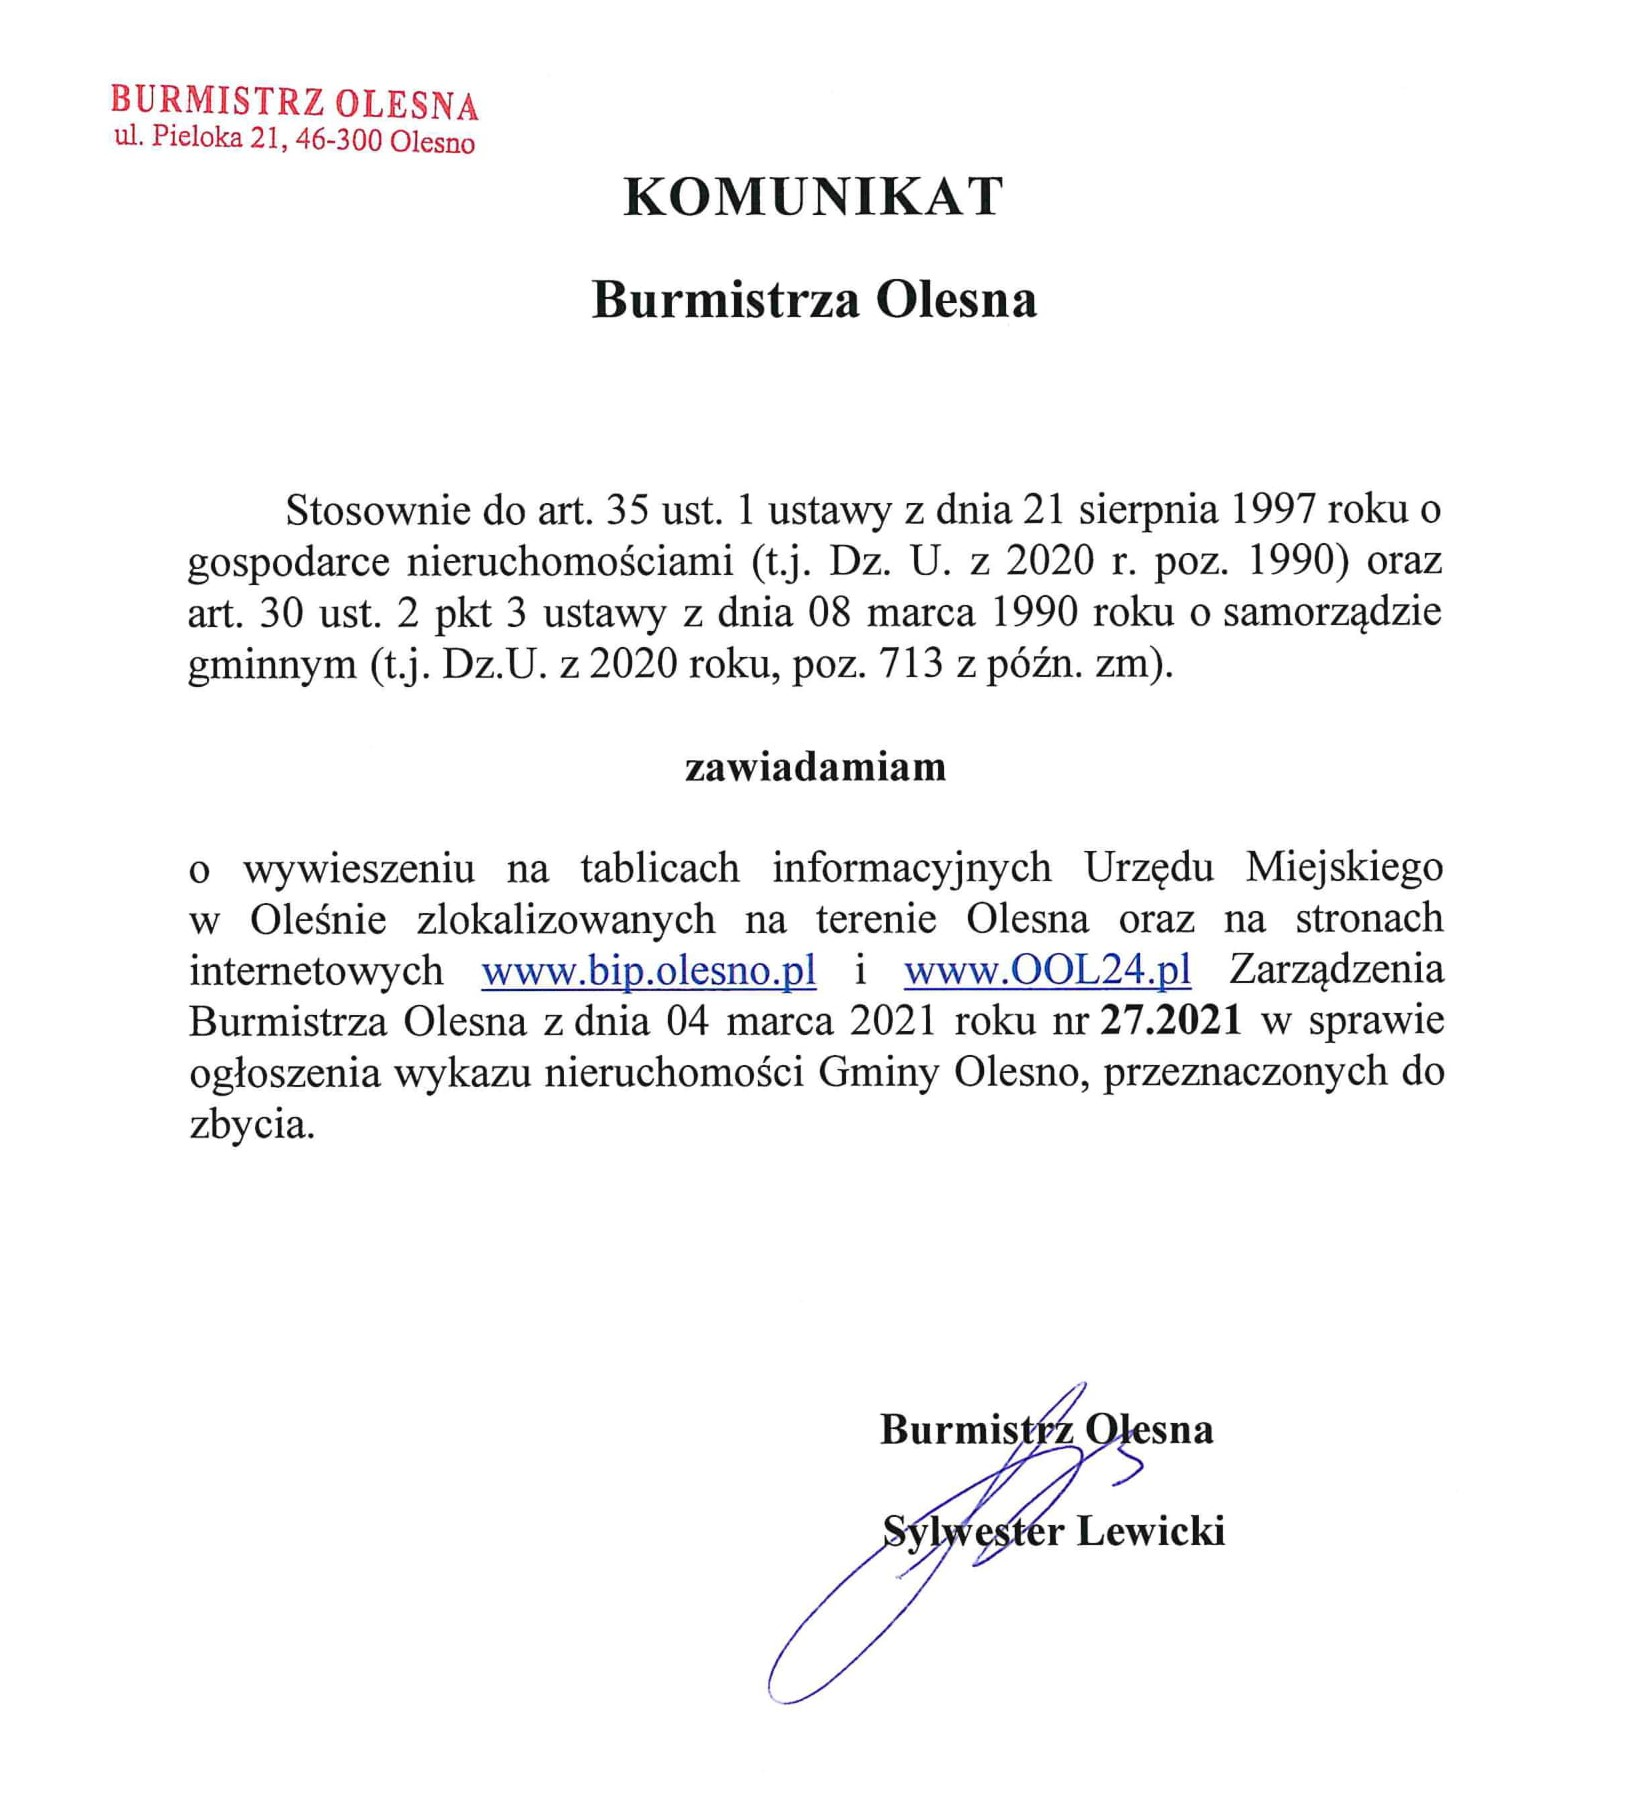 komunikat-burmistrza-olesna-w-sprawie-podania-do-publicznej-wiadomosci-zarzadzenie-nr-27-2021-1